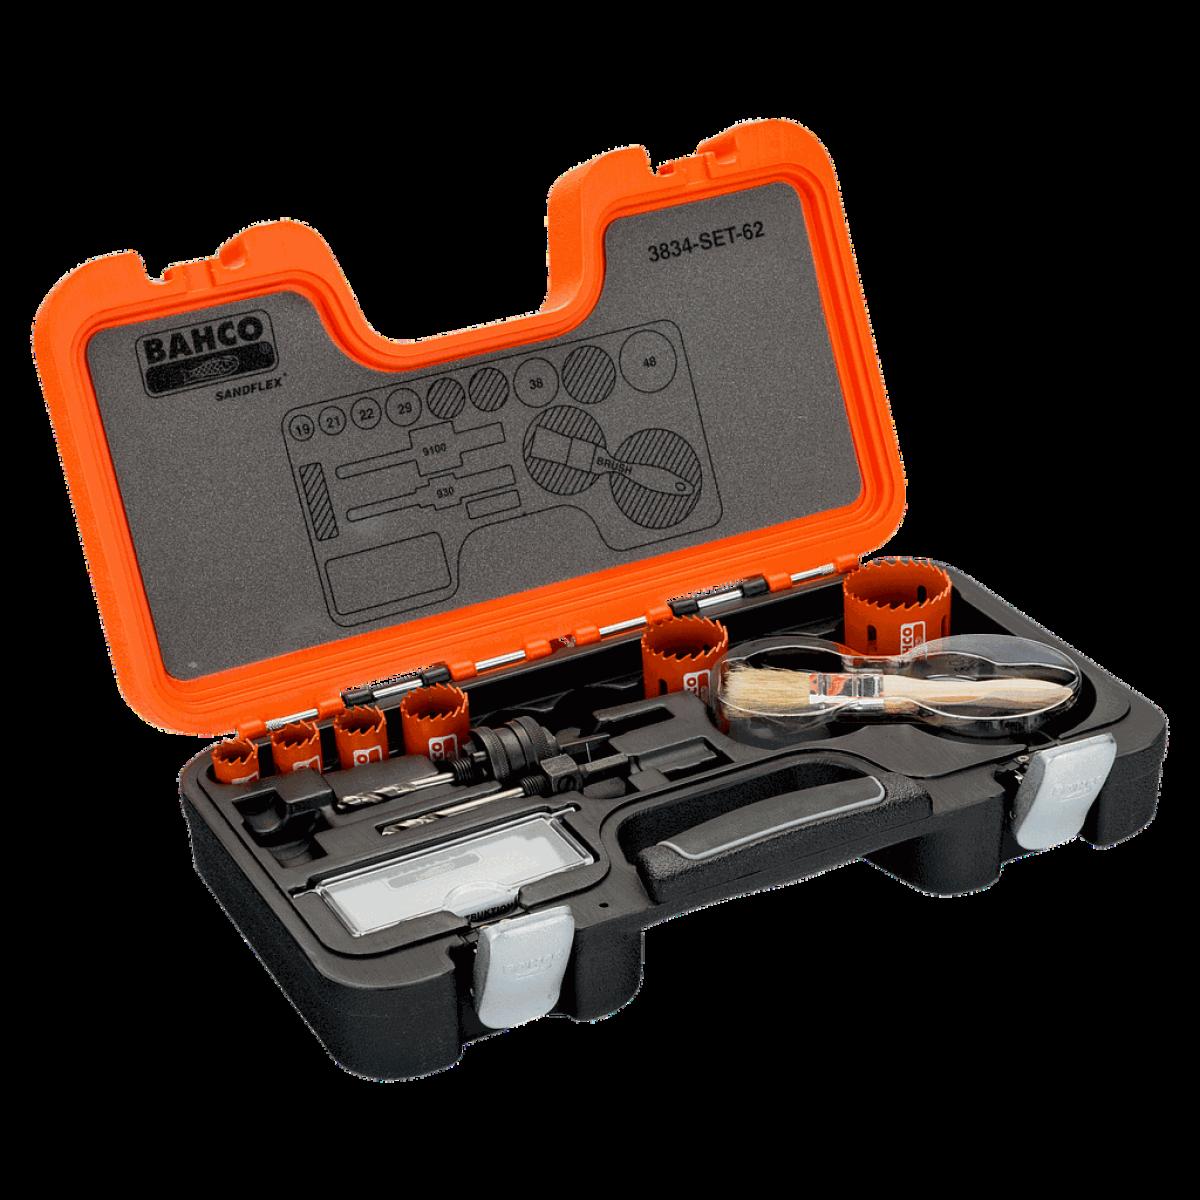 Bahco Bahco - Coffret de scies trépans bimétal Sandflex® 19 à 48 mm, 8 pcs - 3834-SET-62